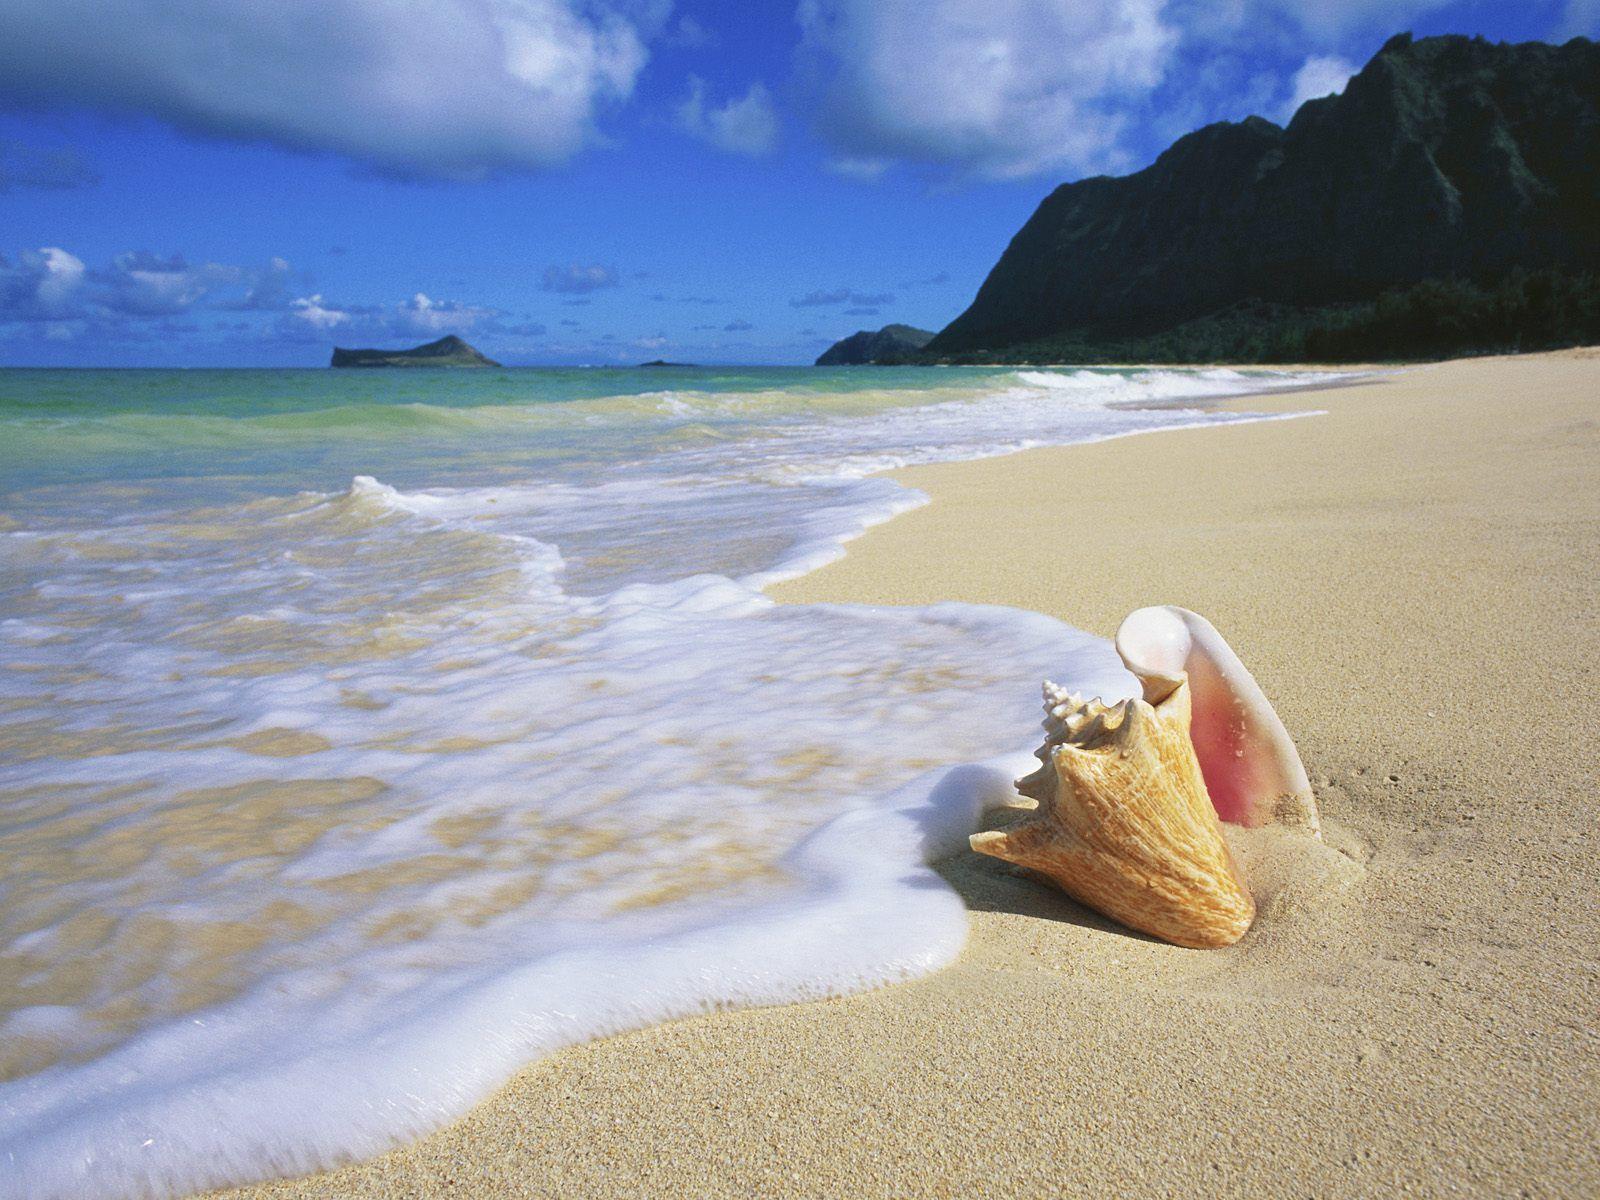 http://2.bp.blogspot.com/-3yBxXIKER2U/TcecF9TGYzI/AAAAAAAAAYg/WiMi20Yb6Ck/s1600/Conch_Shell_Oahu_Hawaii.jpg